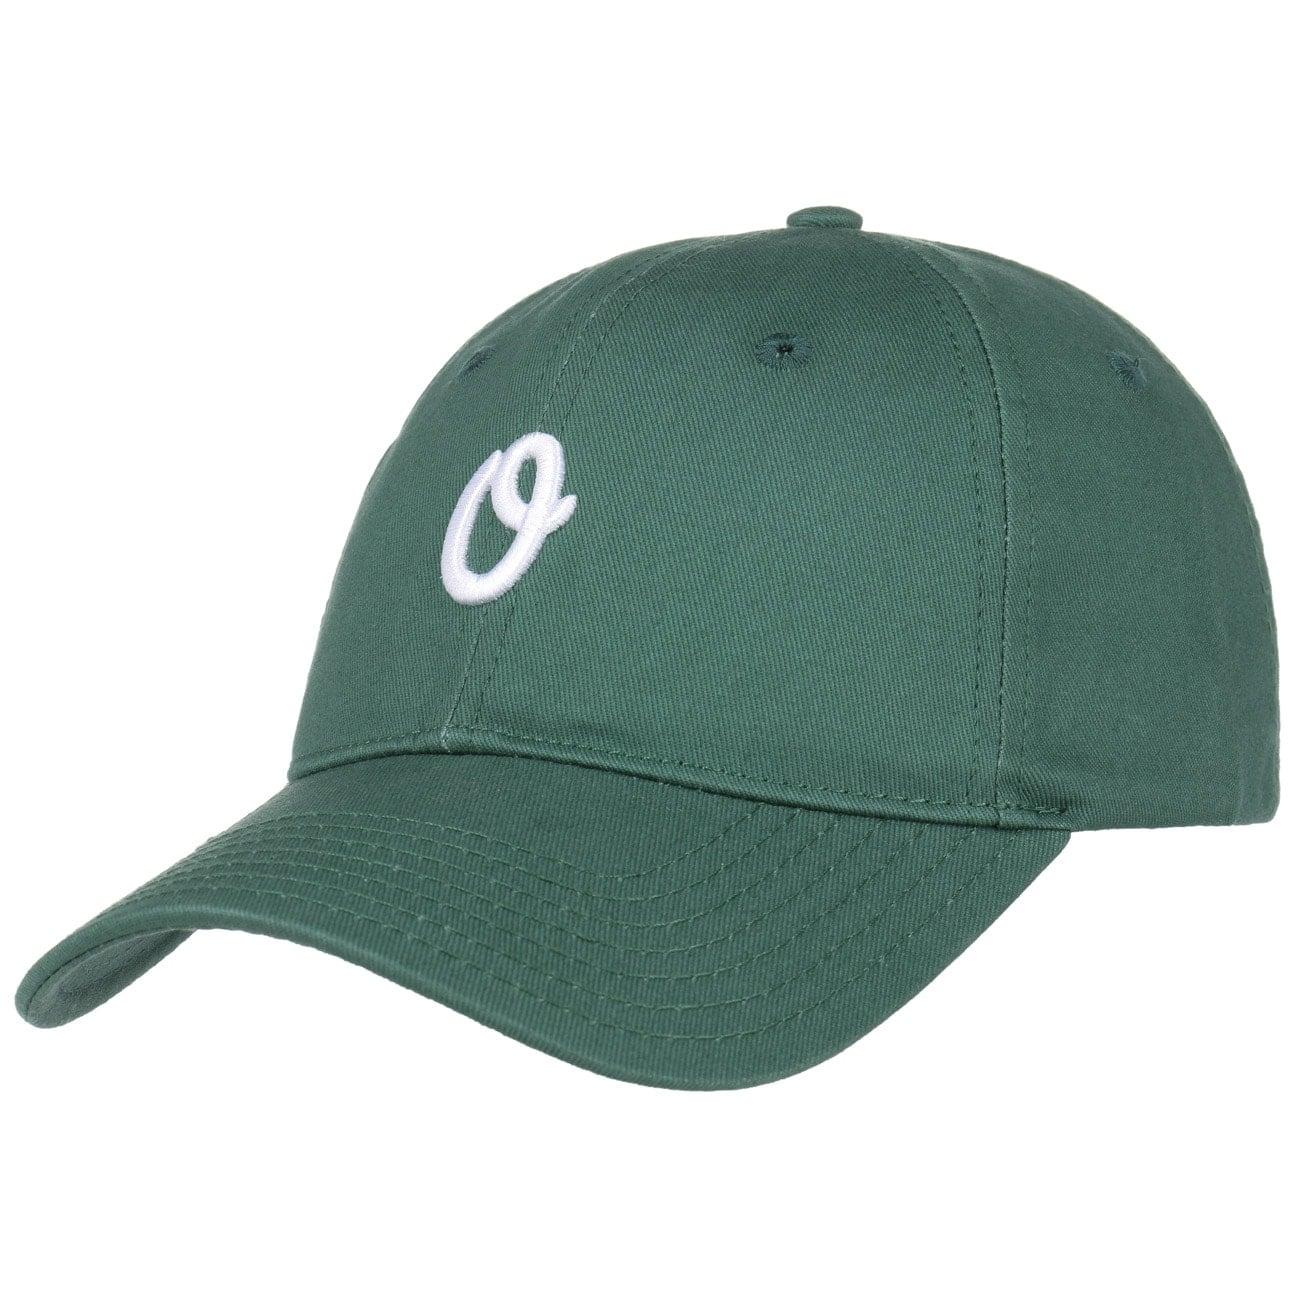 Gorra Miles Old Deporte by Official Headwear  gorra de baseball